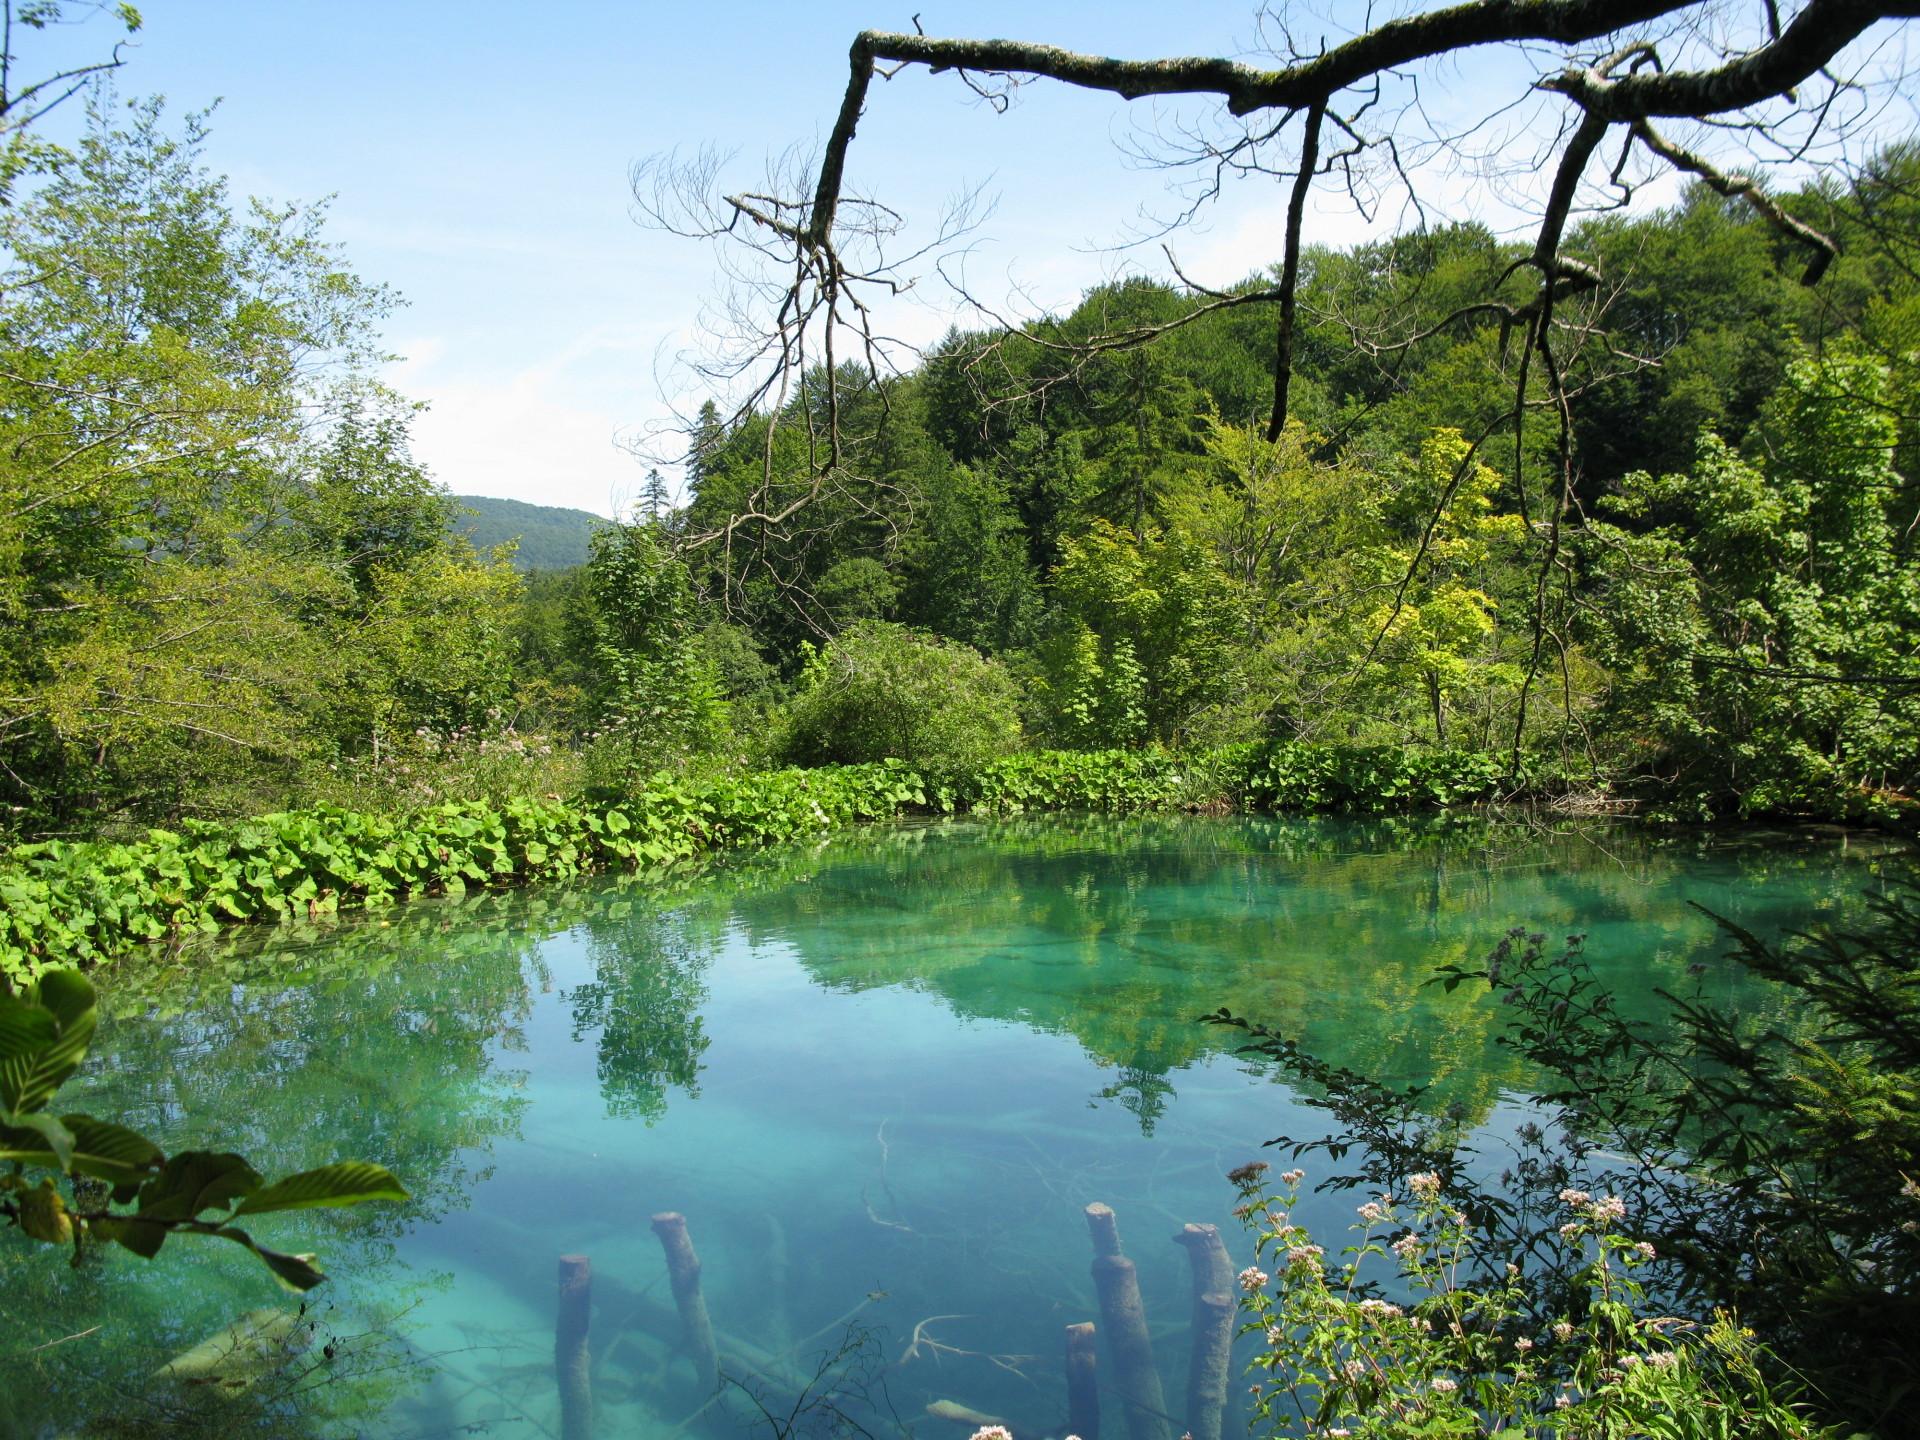 Viaggio a Zara: la magia dell'acqua ai laghi di Plitvice